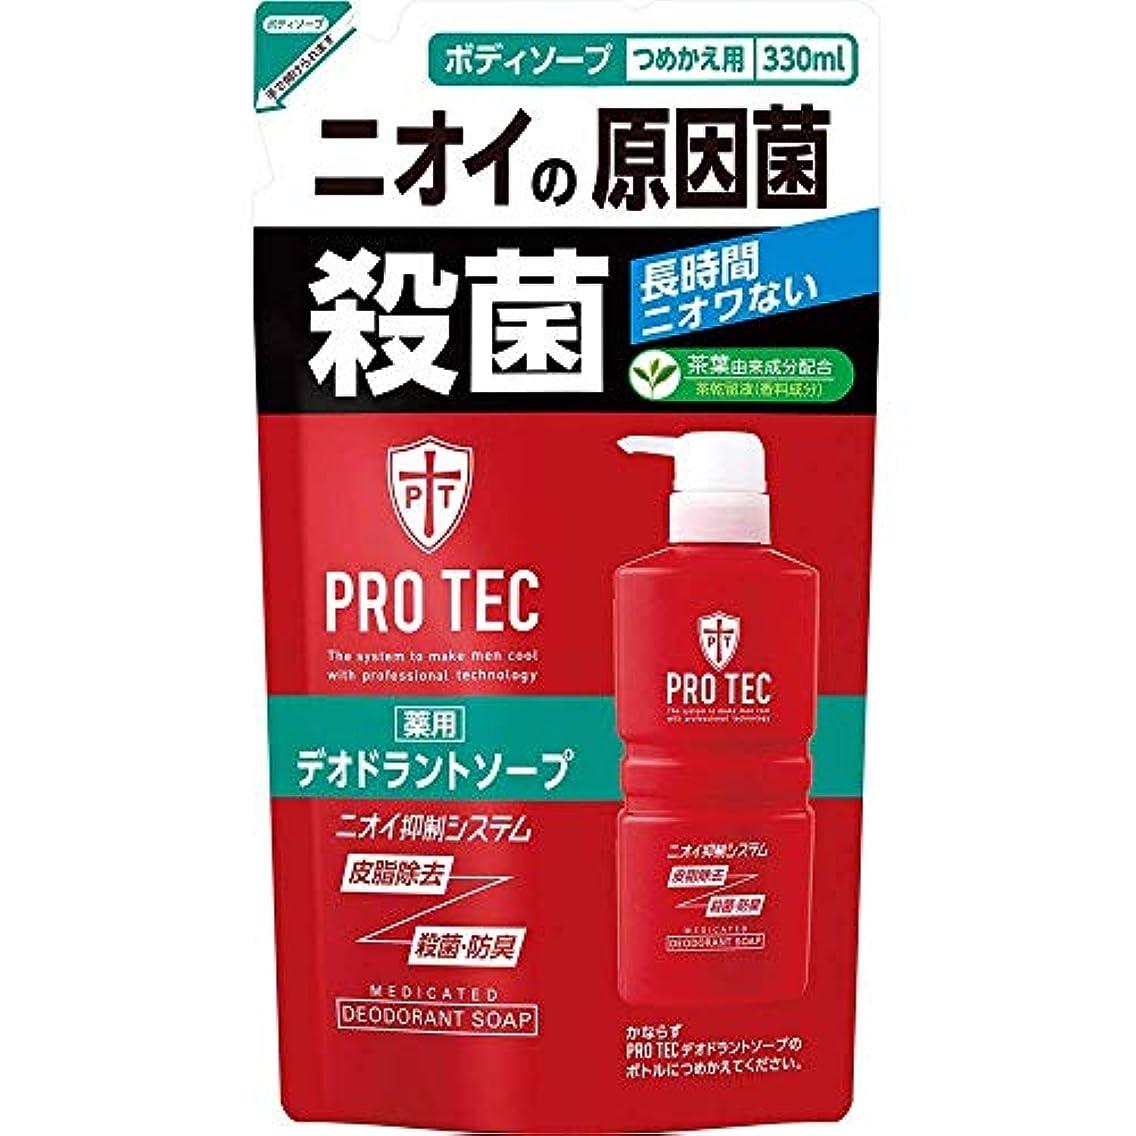 細分化する小屋泥【ライオン】PRO TEC(プロテク) デオドラントソープつめかえ 330ml ×15個セット